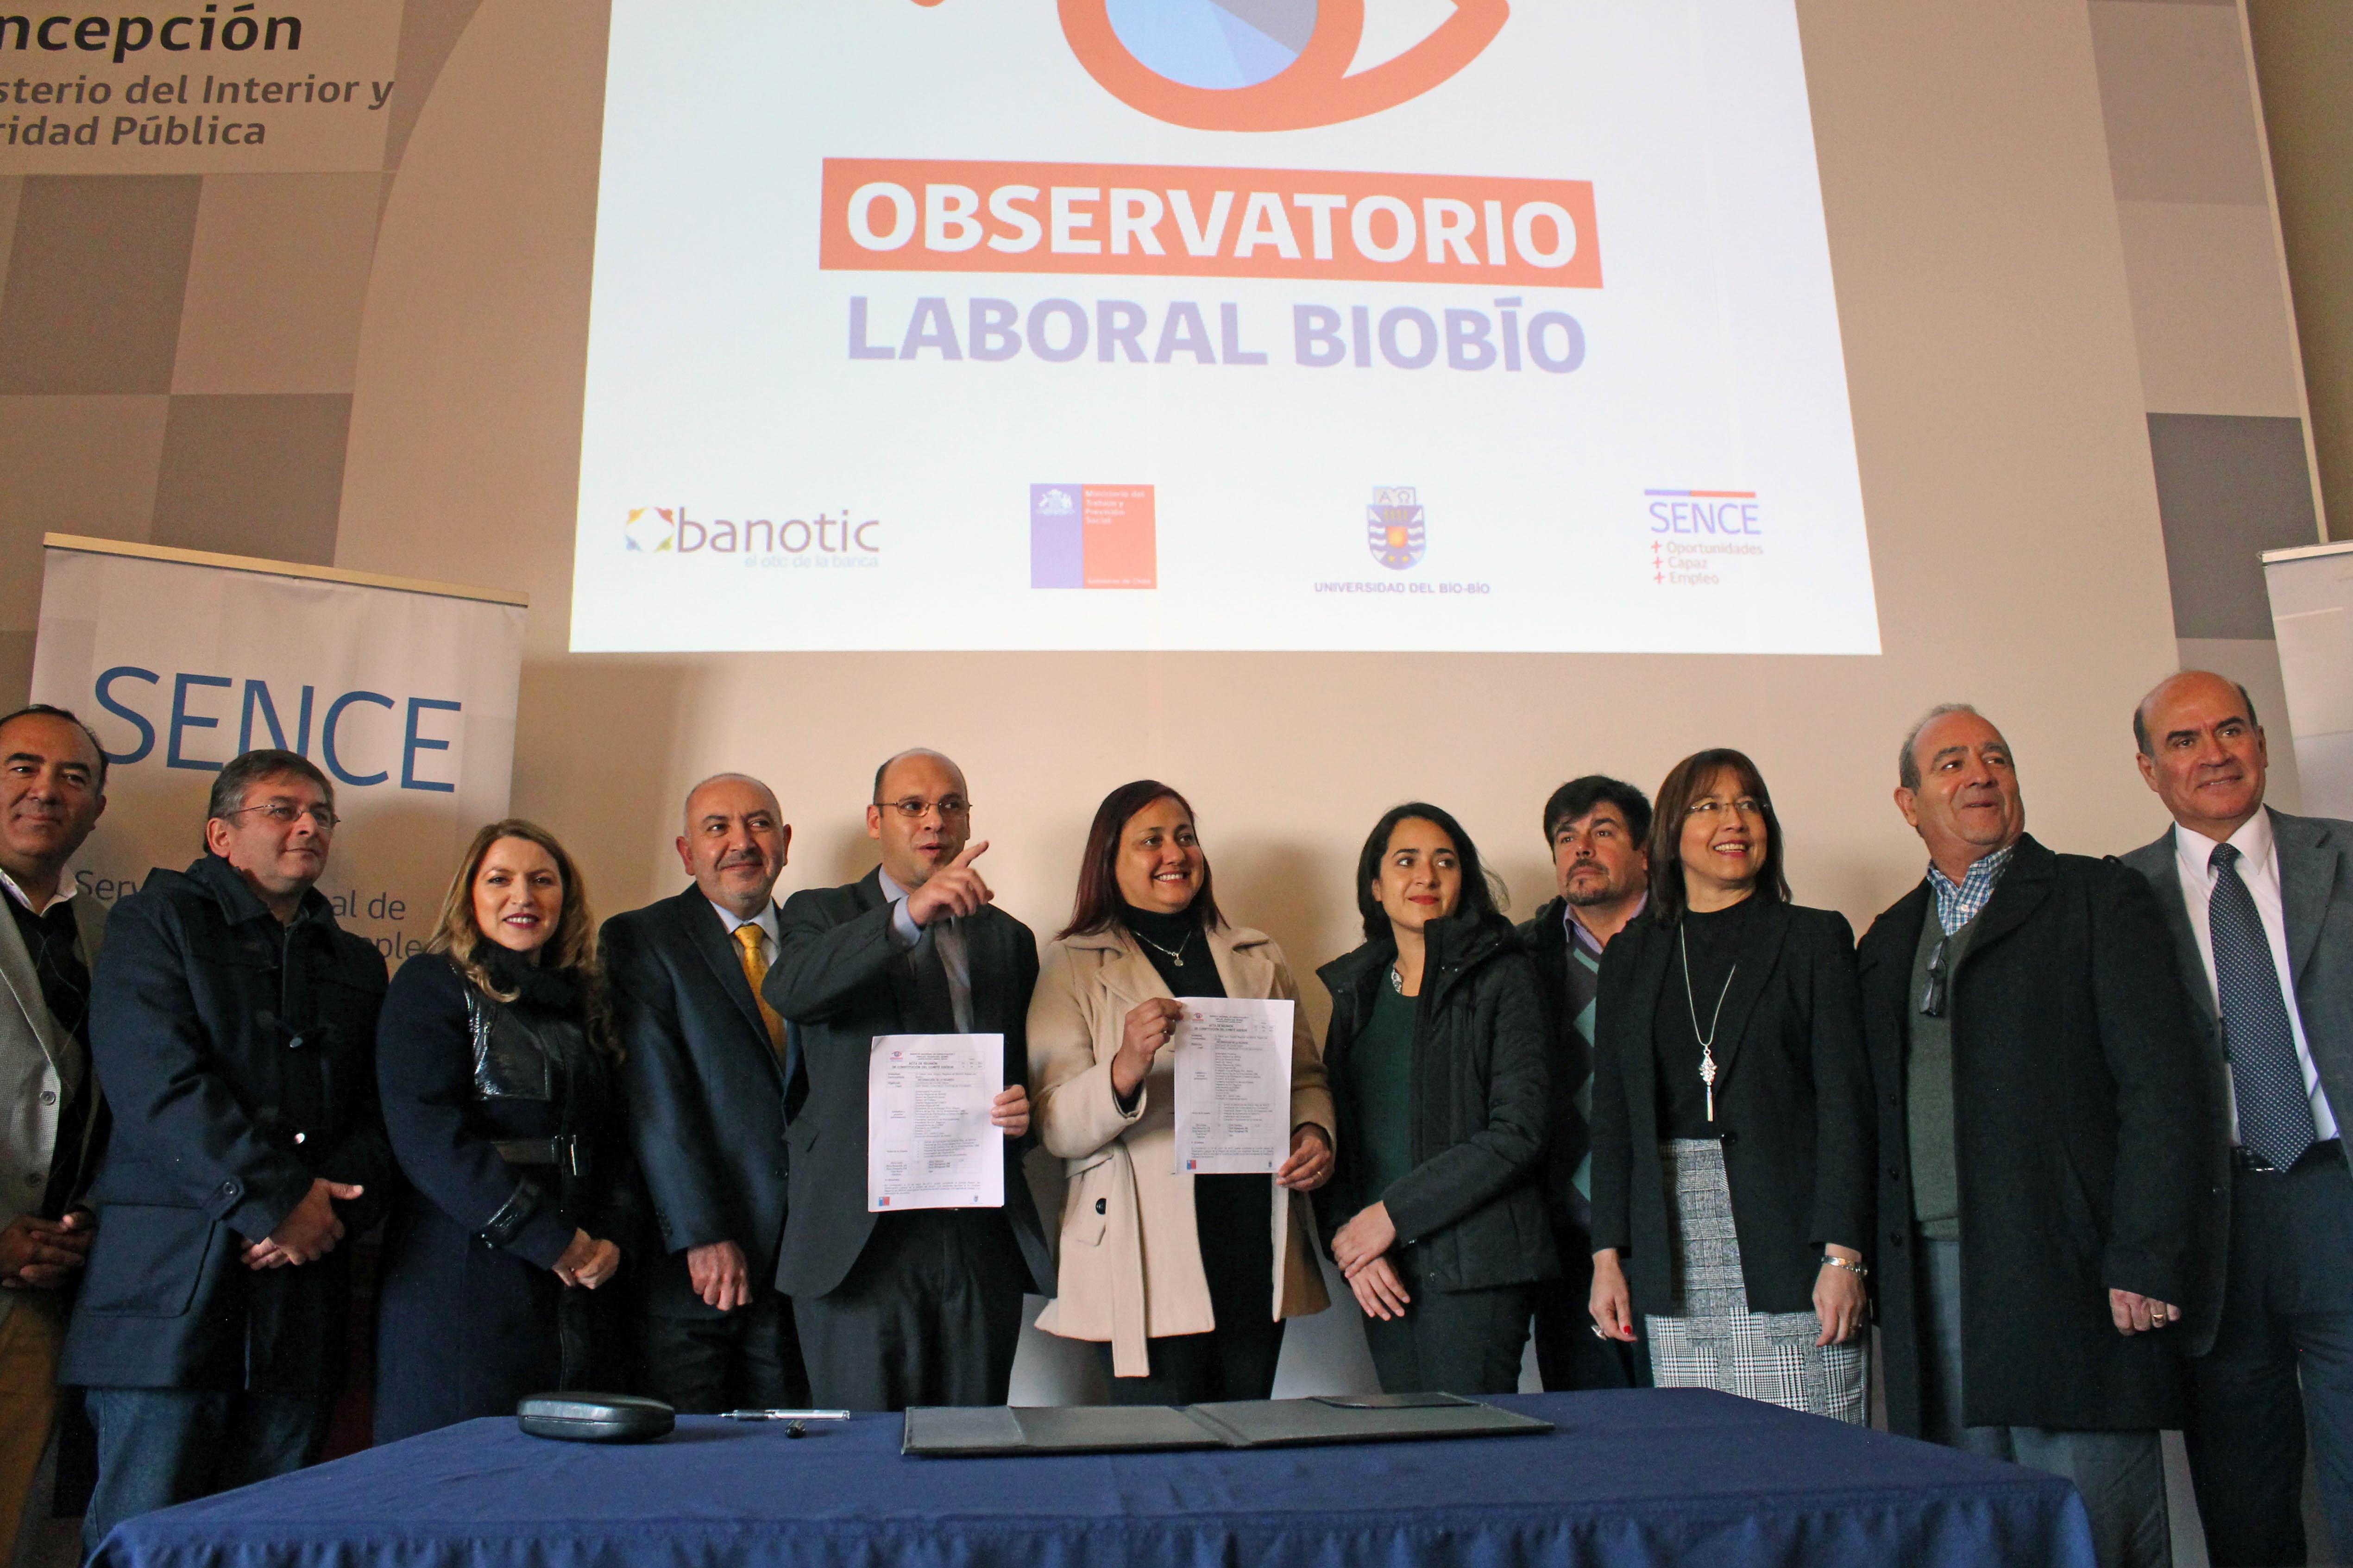 Constituyen Comité Asesor del Observatorio Laboral del Biobío, proyecto liderado por académicos del Departamento